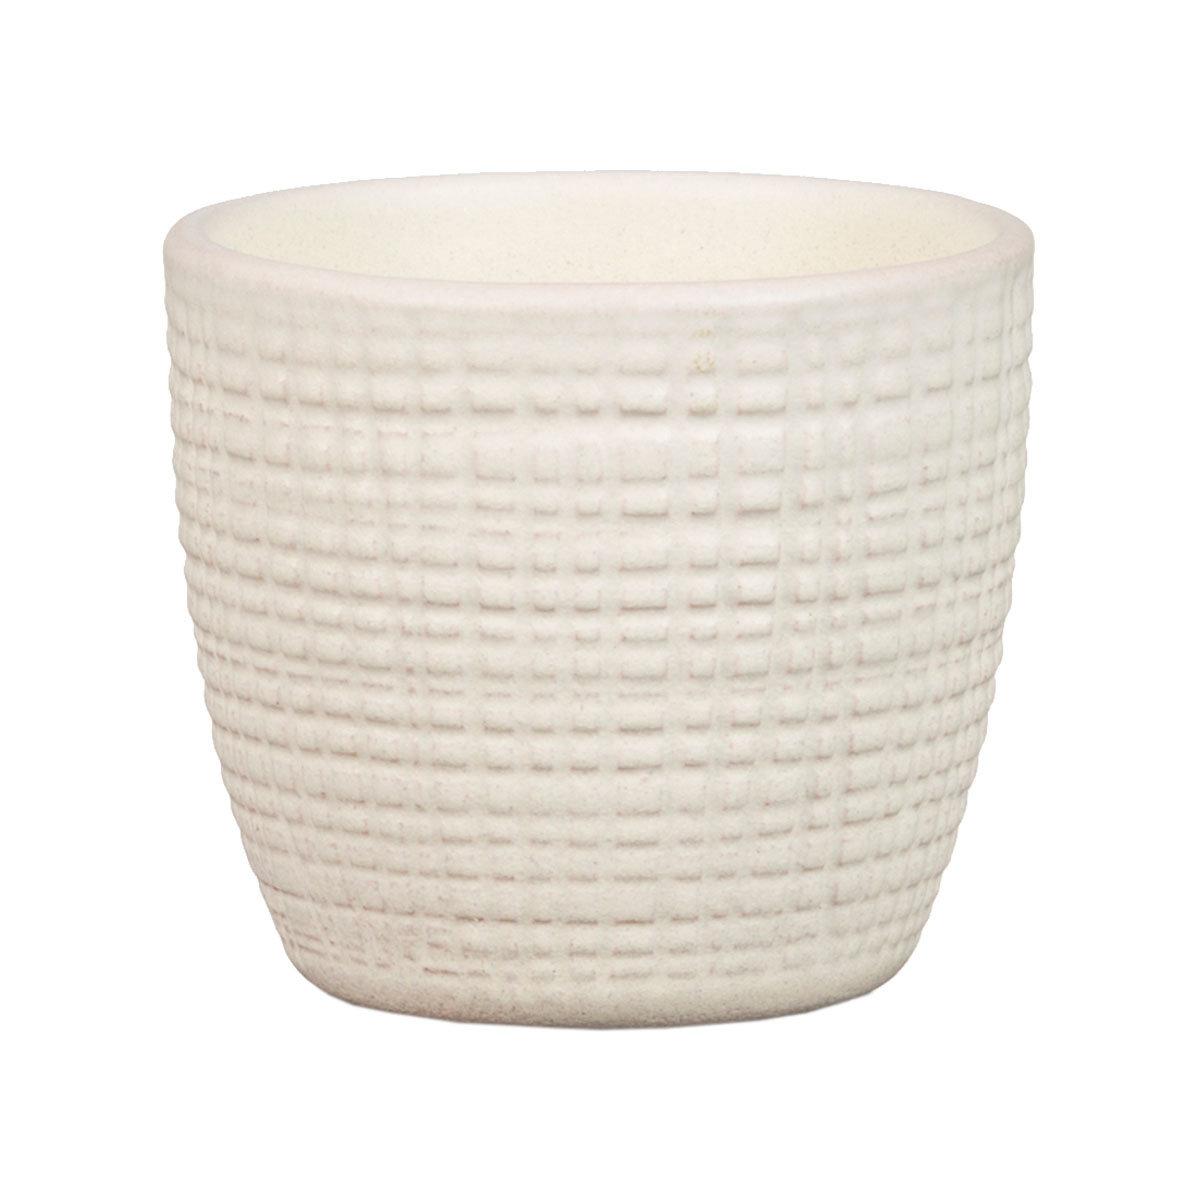 3er-Set Keramik-Übertöpfe 6cm, Vanille   #5